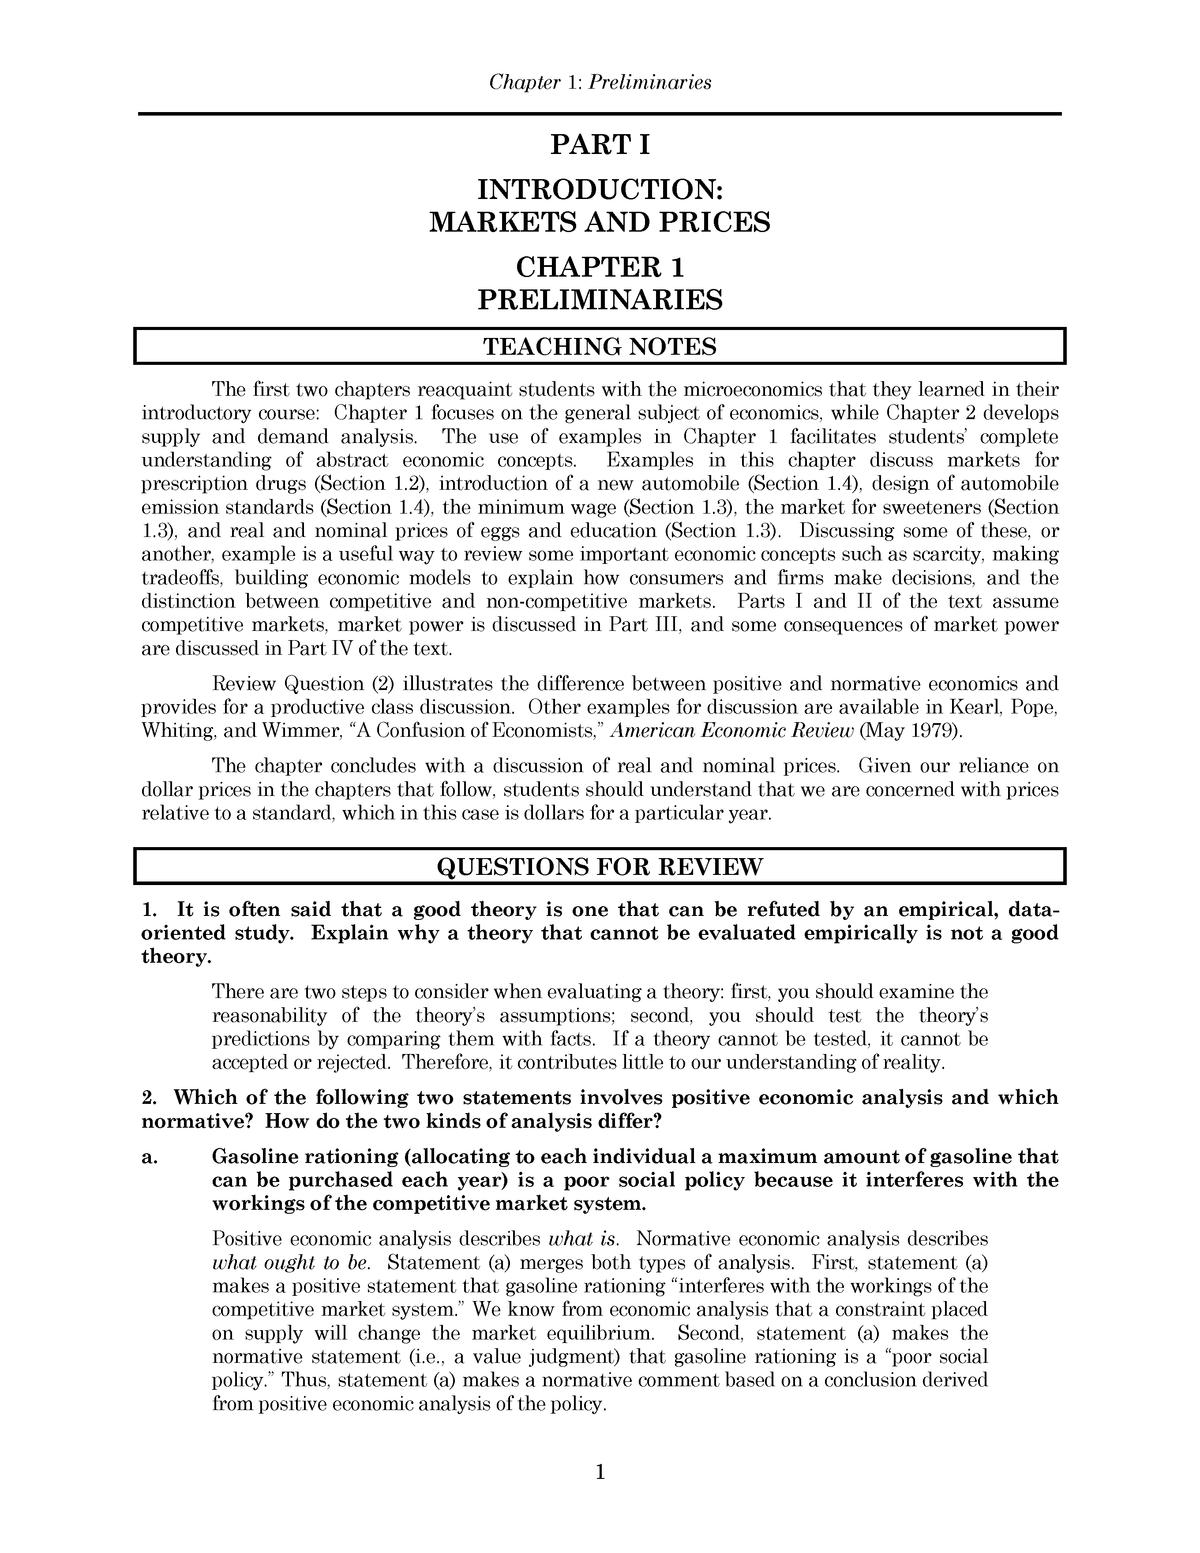 Solutions Manual Microeconomics - Micro-economie - UvA